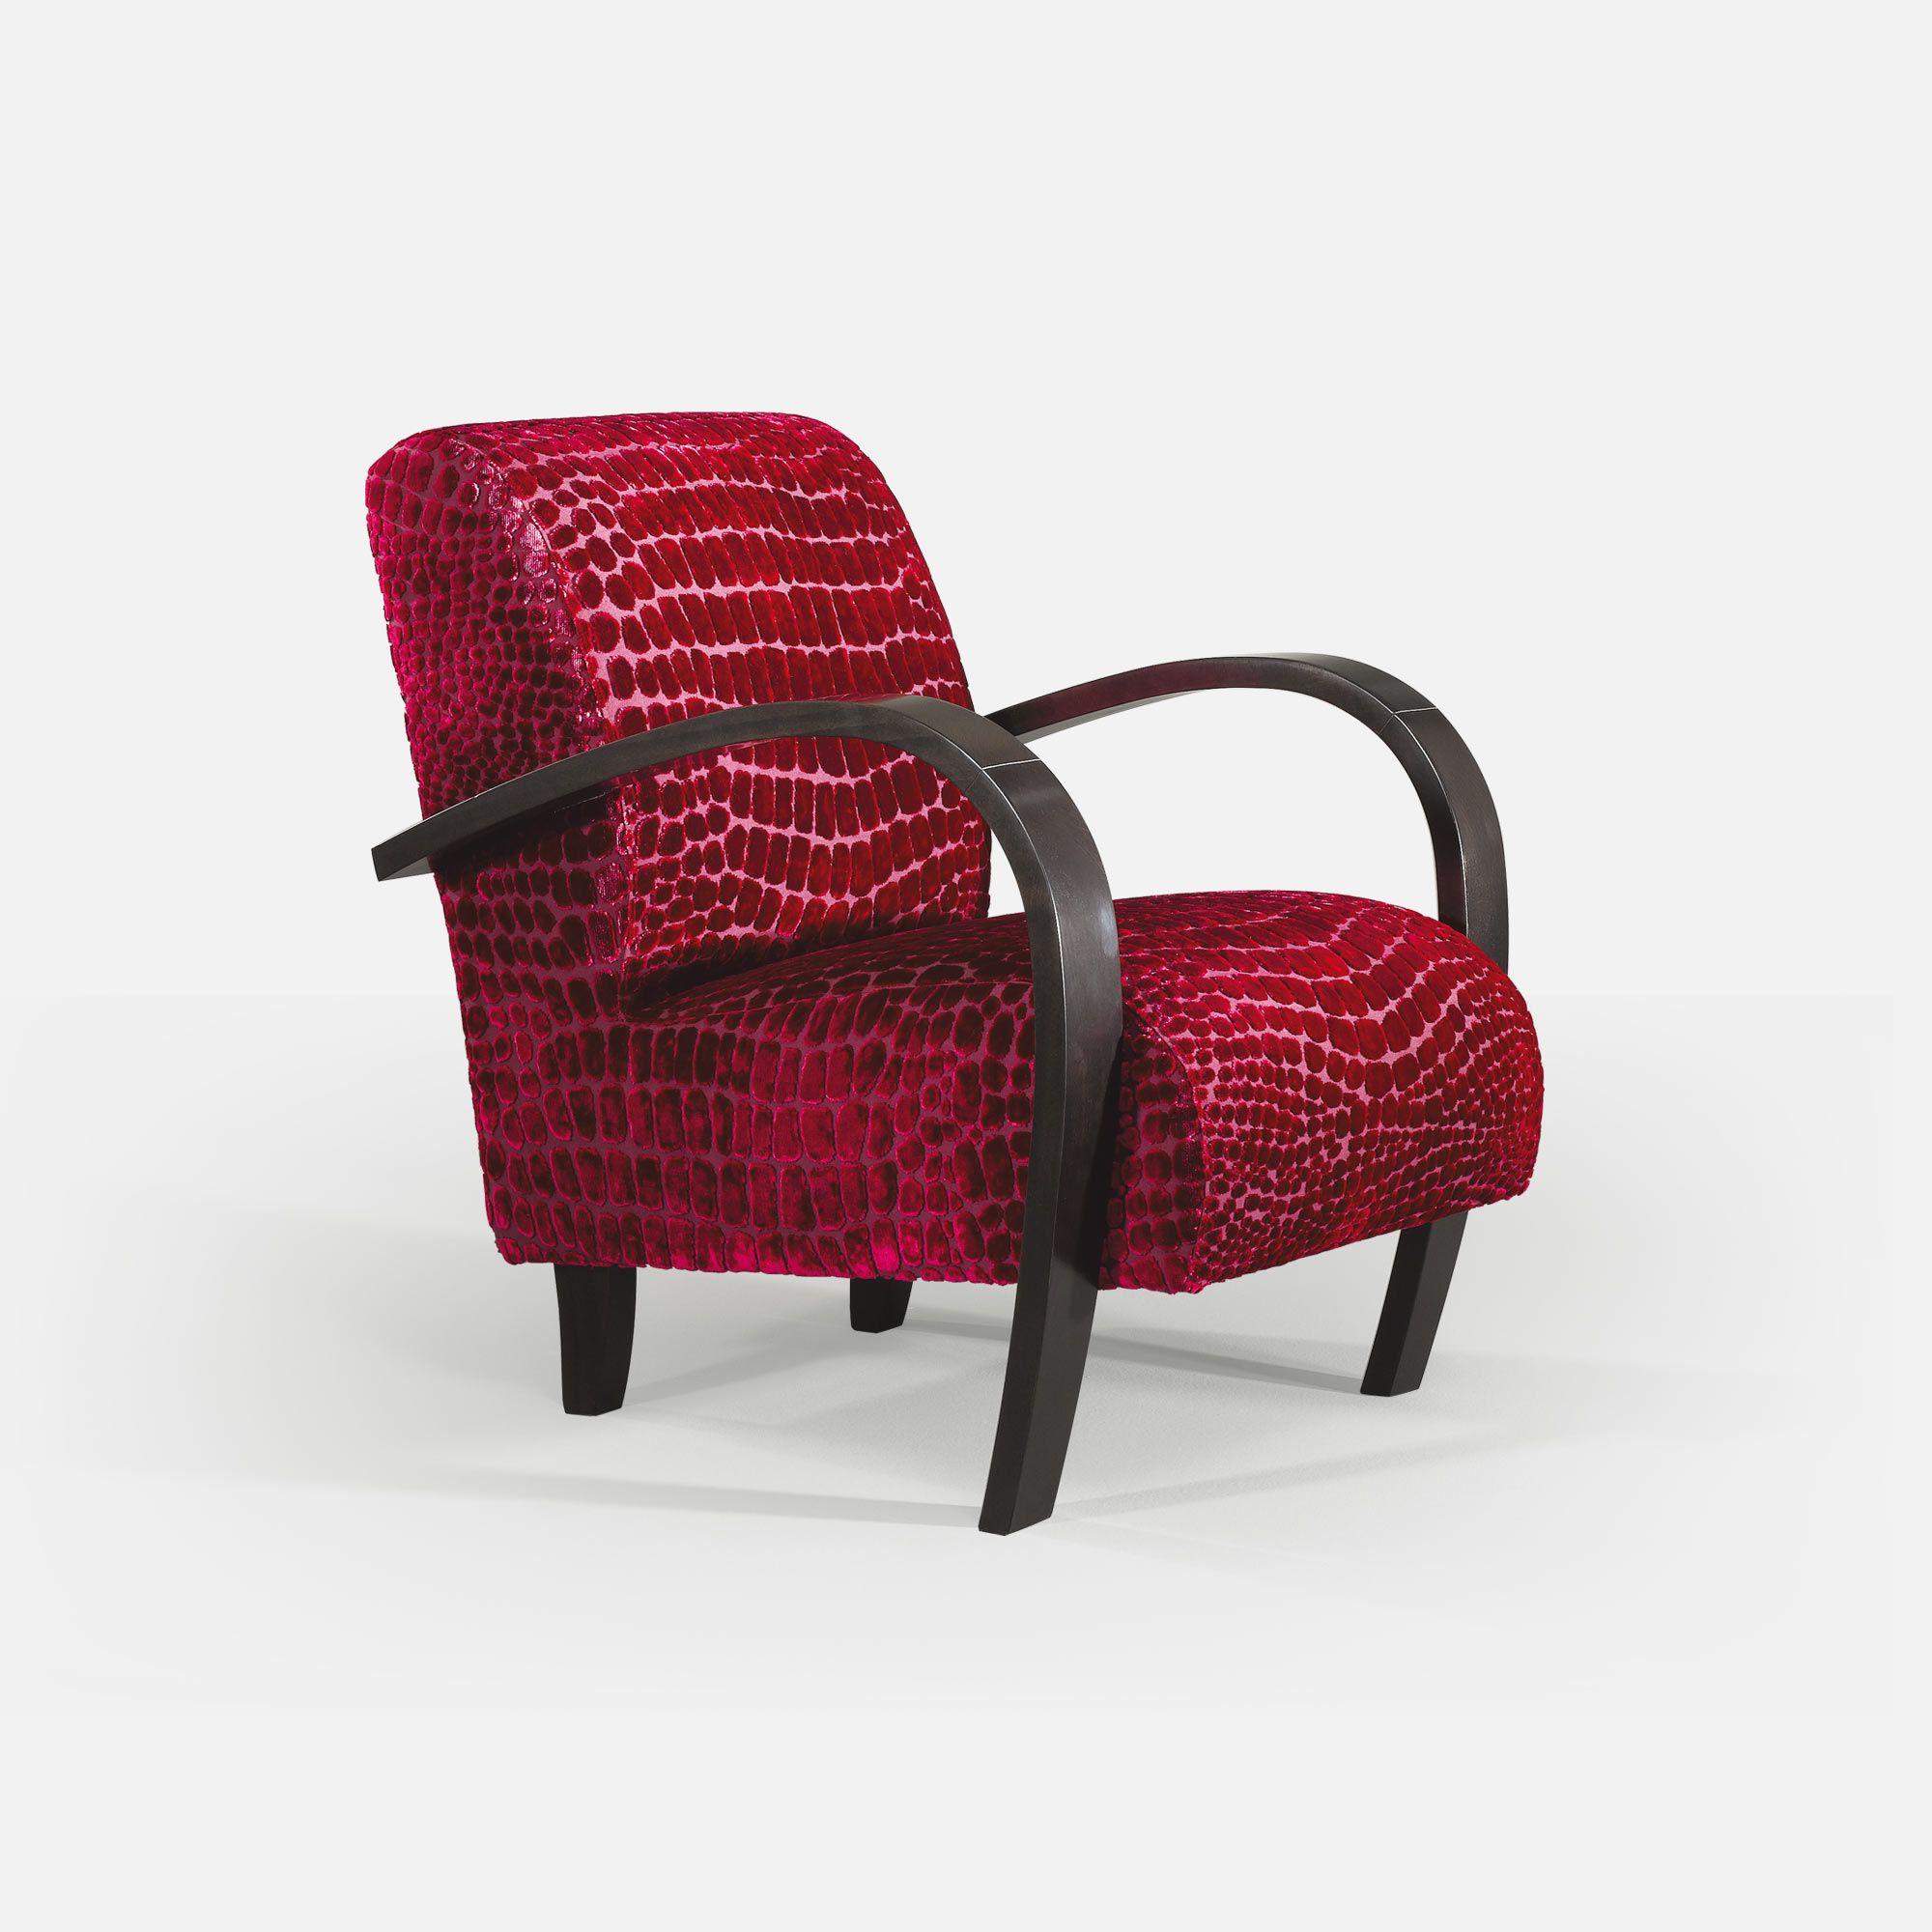 fauteuil d co 30 pour h tel restaurant bar collinet. Black Bedroom Furniture Sets. Home Design Ideas